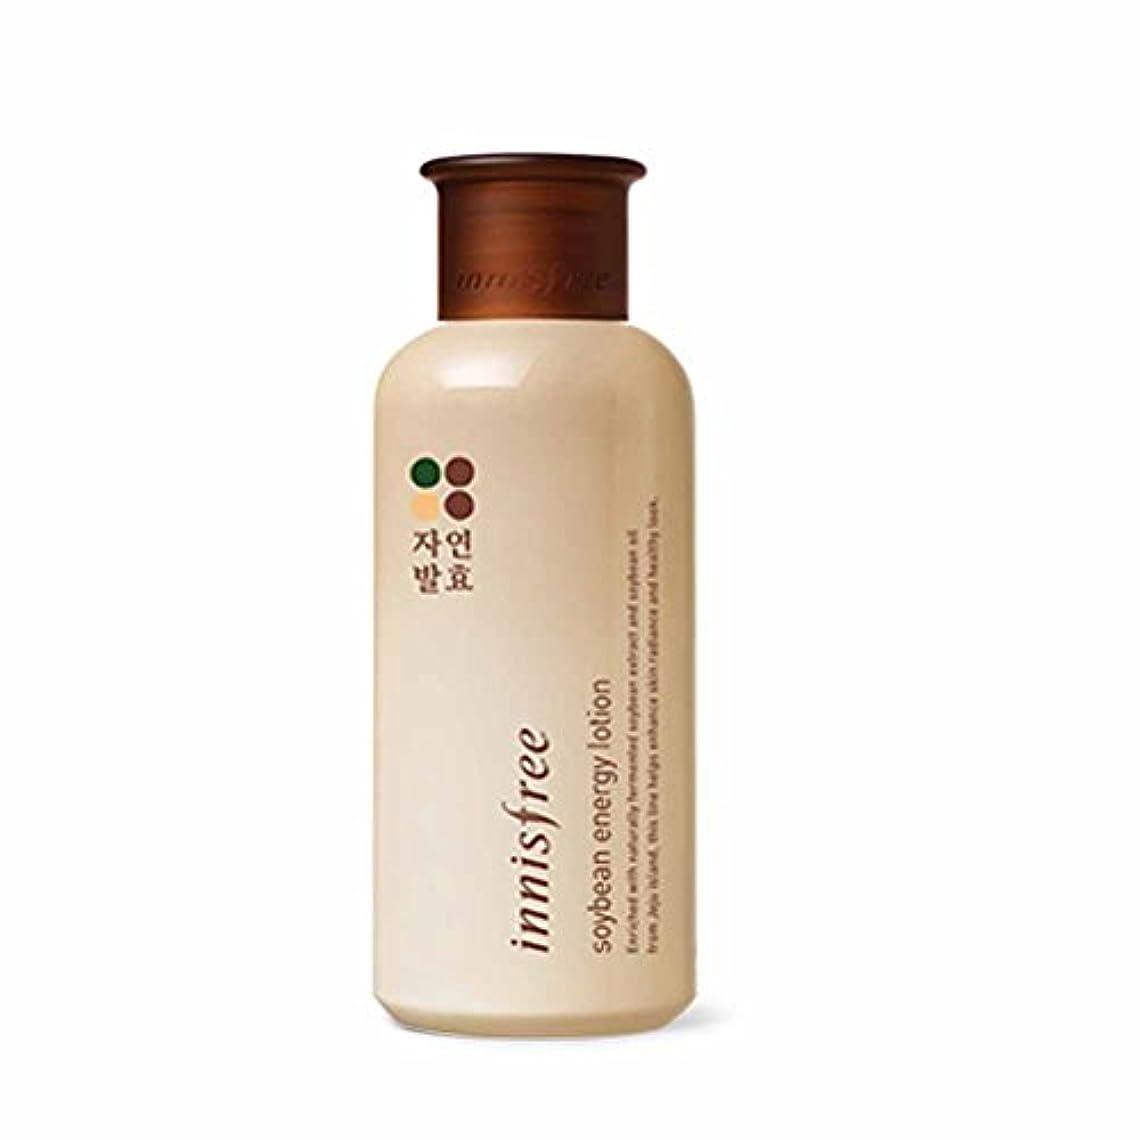 ファランクス説明的再編成するイニスフリーソイビーンエナジースキン(トナー)200ml / Innisfree Soybean Energy Skin(Toner) 200ml[海外直送品][並行輸入品]